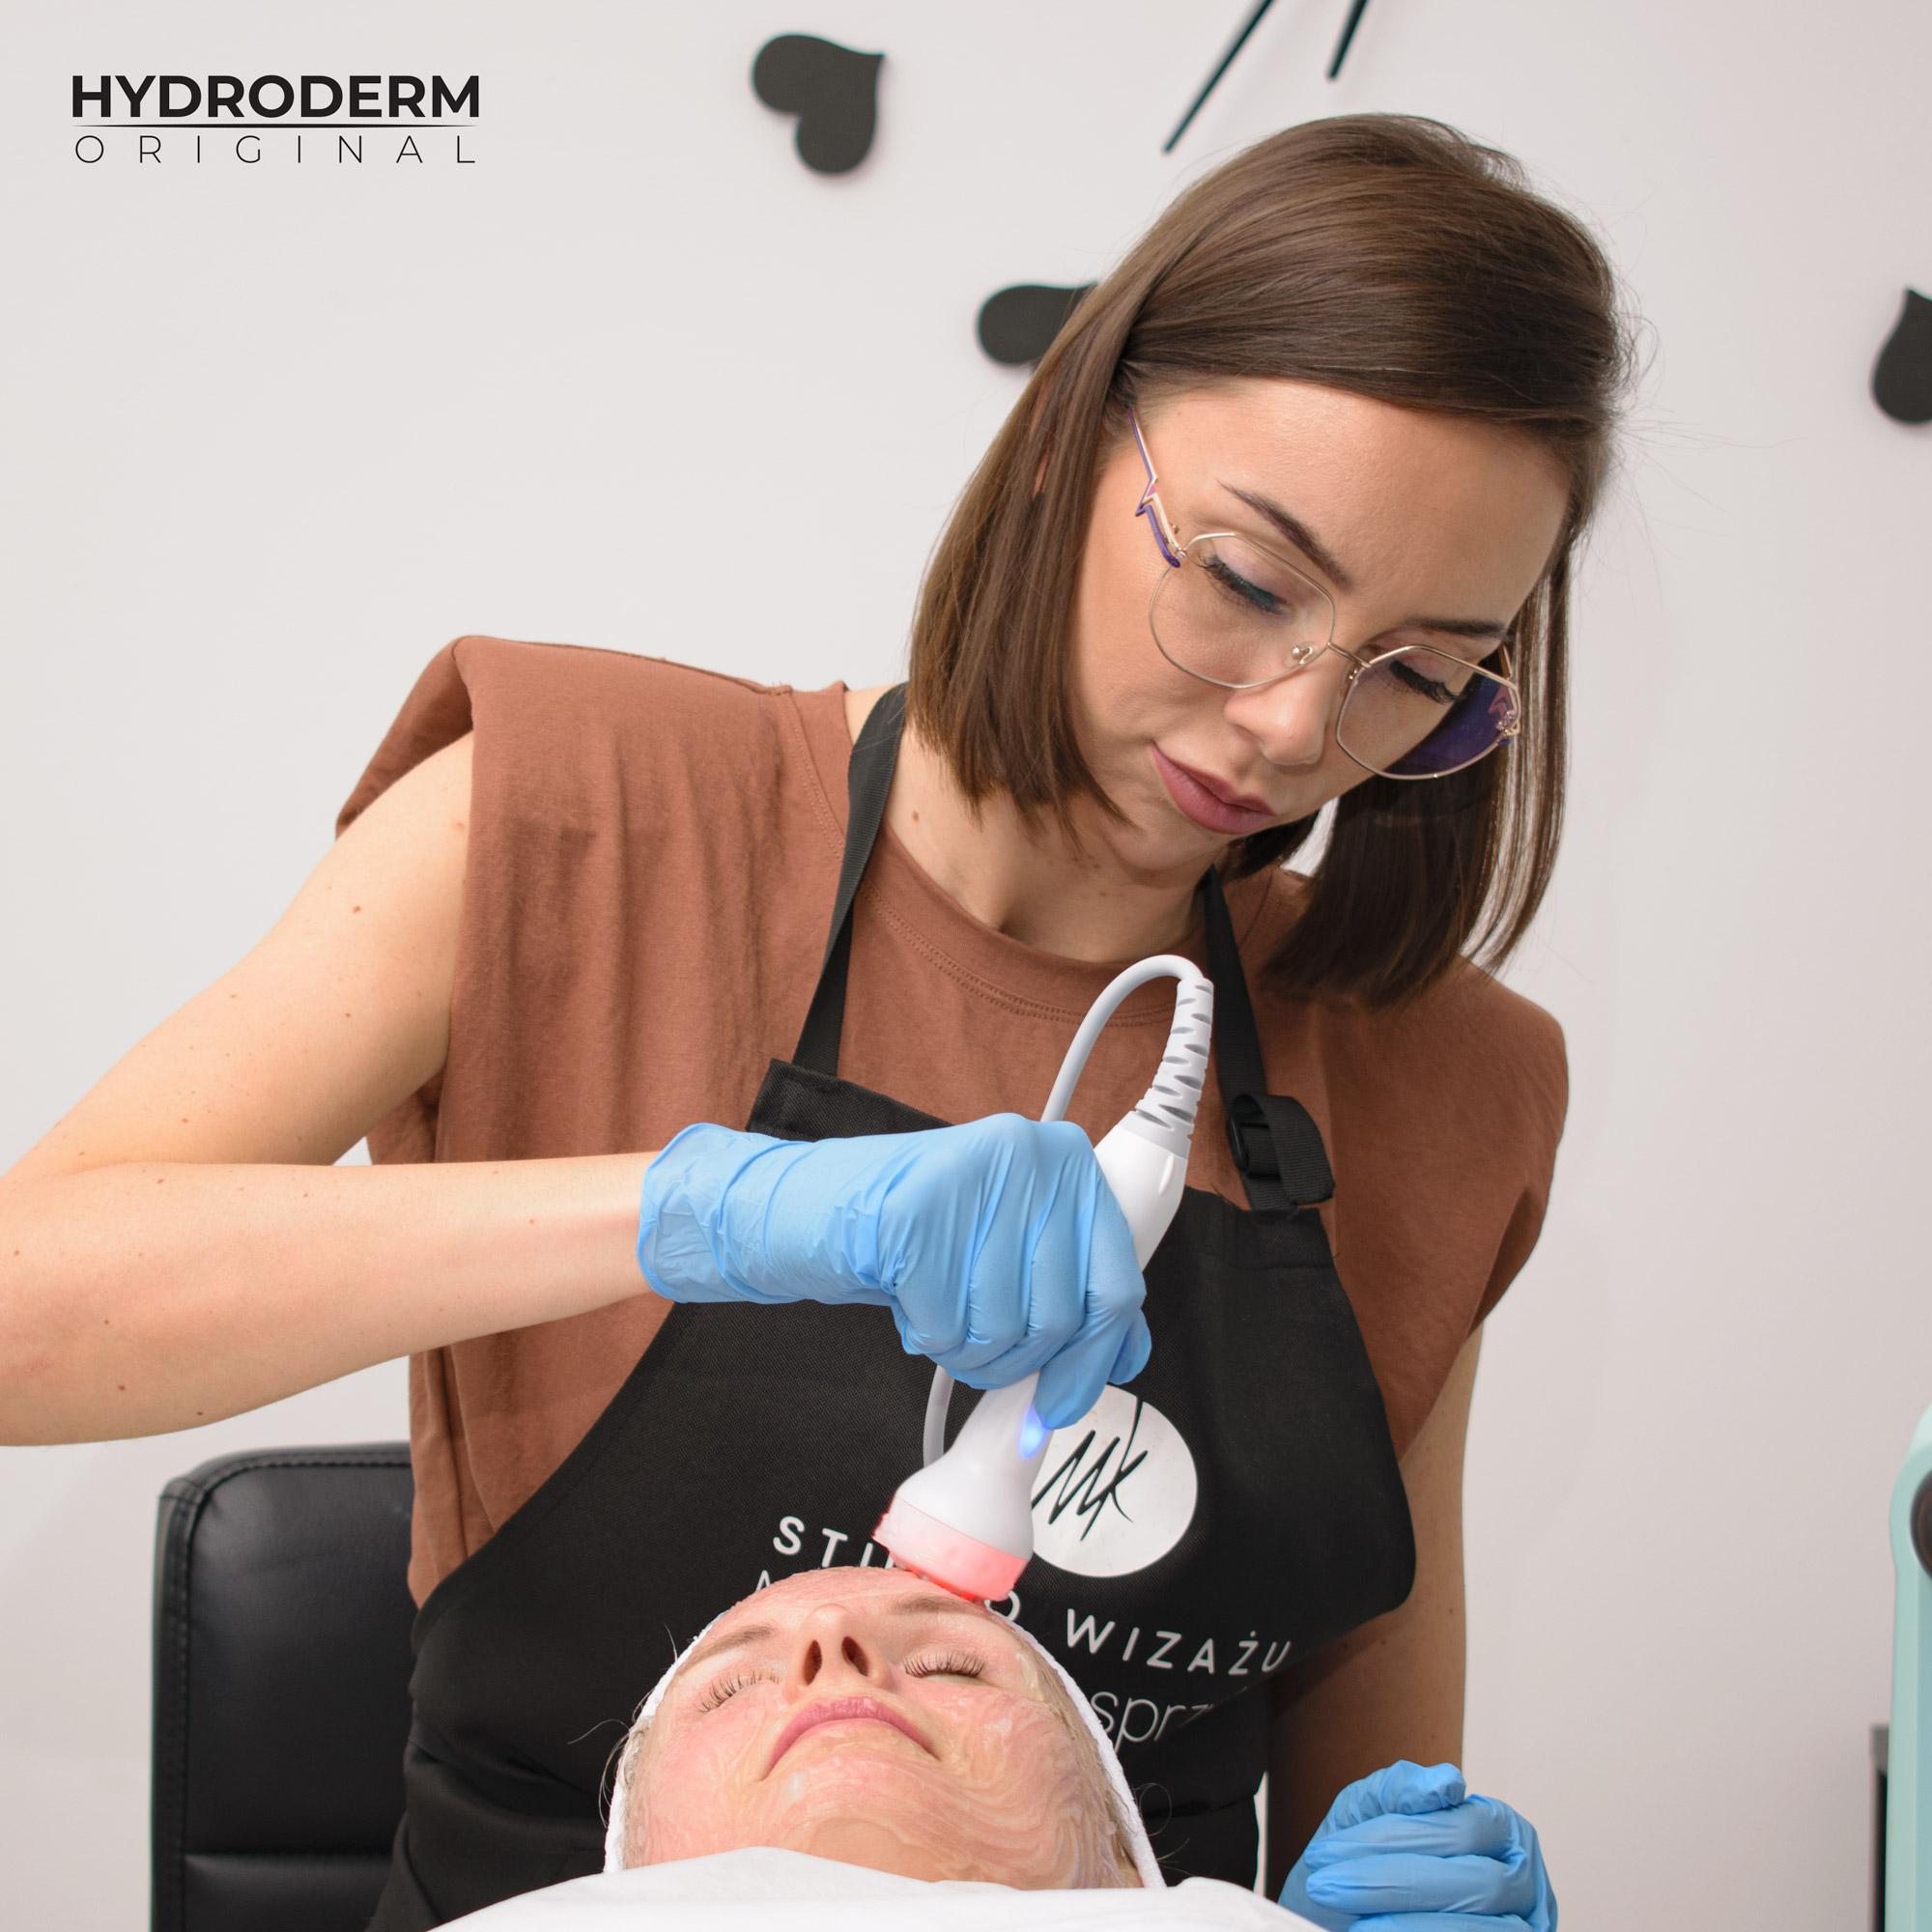 Podczas etapu praktycznego mgr kosmetologii ciągle instruuje uczestnika co należy dalej zrobić